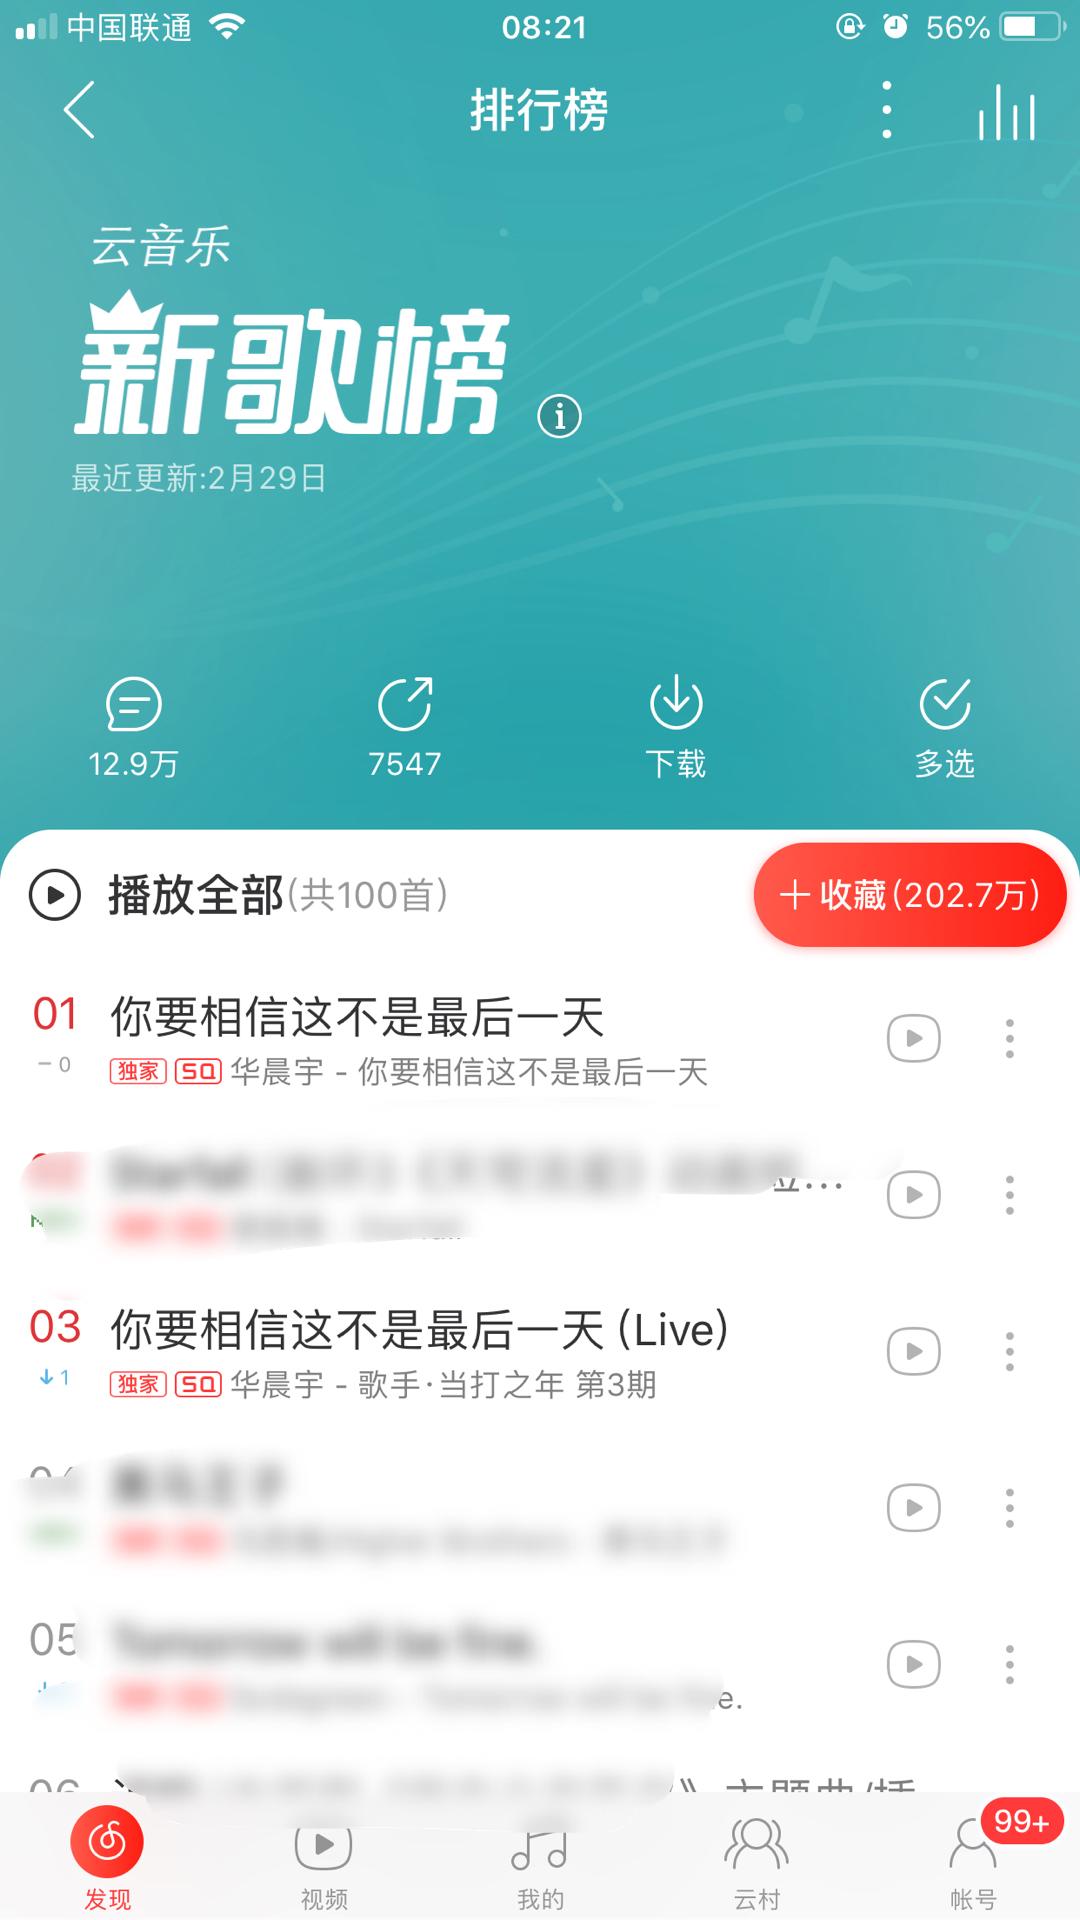 华晨宇 第四期战歌《荒野魂斗罗》飙升榜第6、比赛曲目热度第1